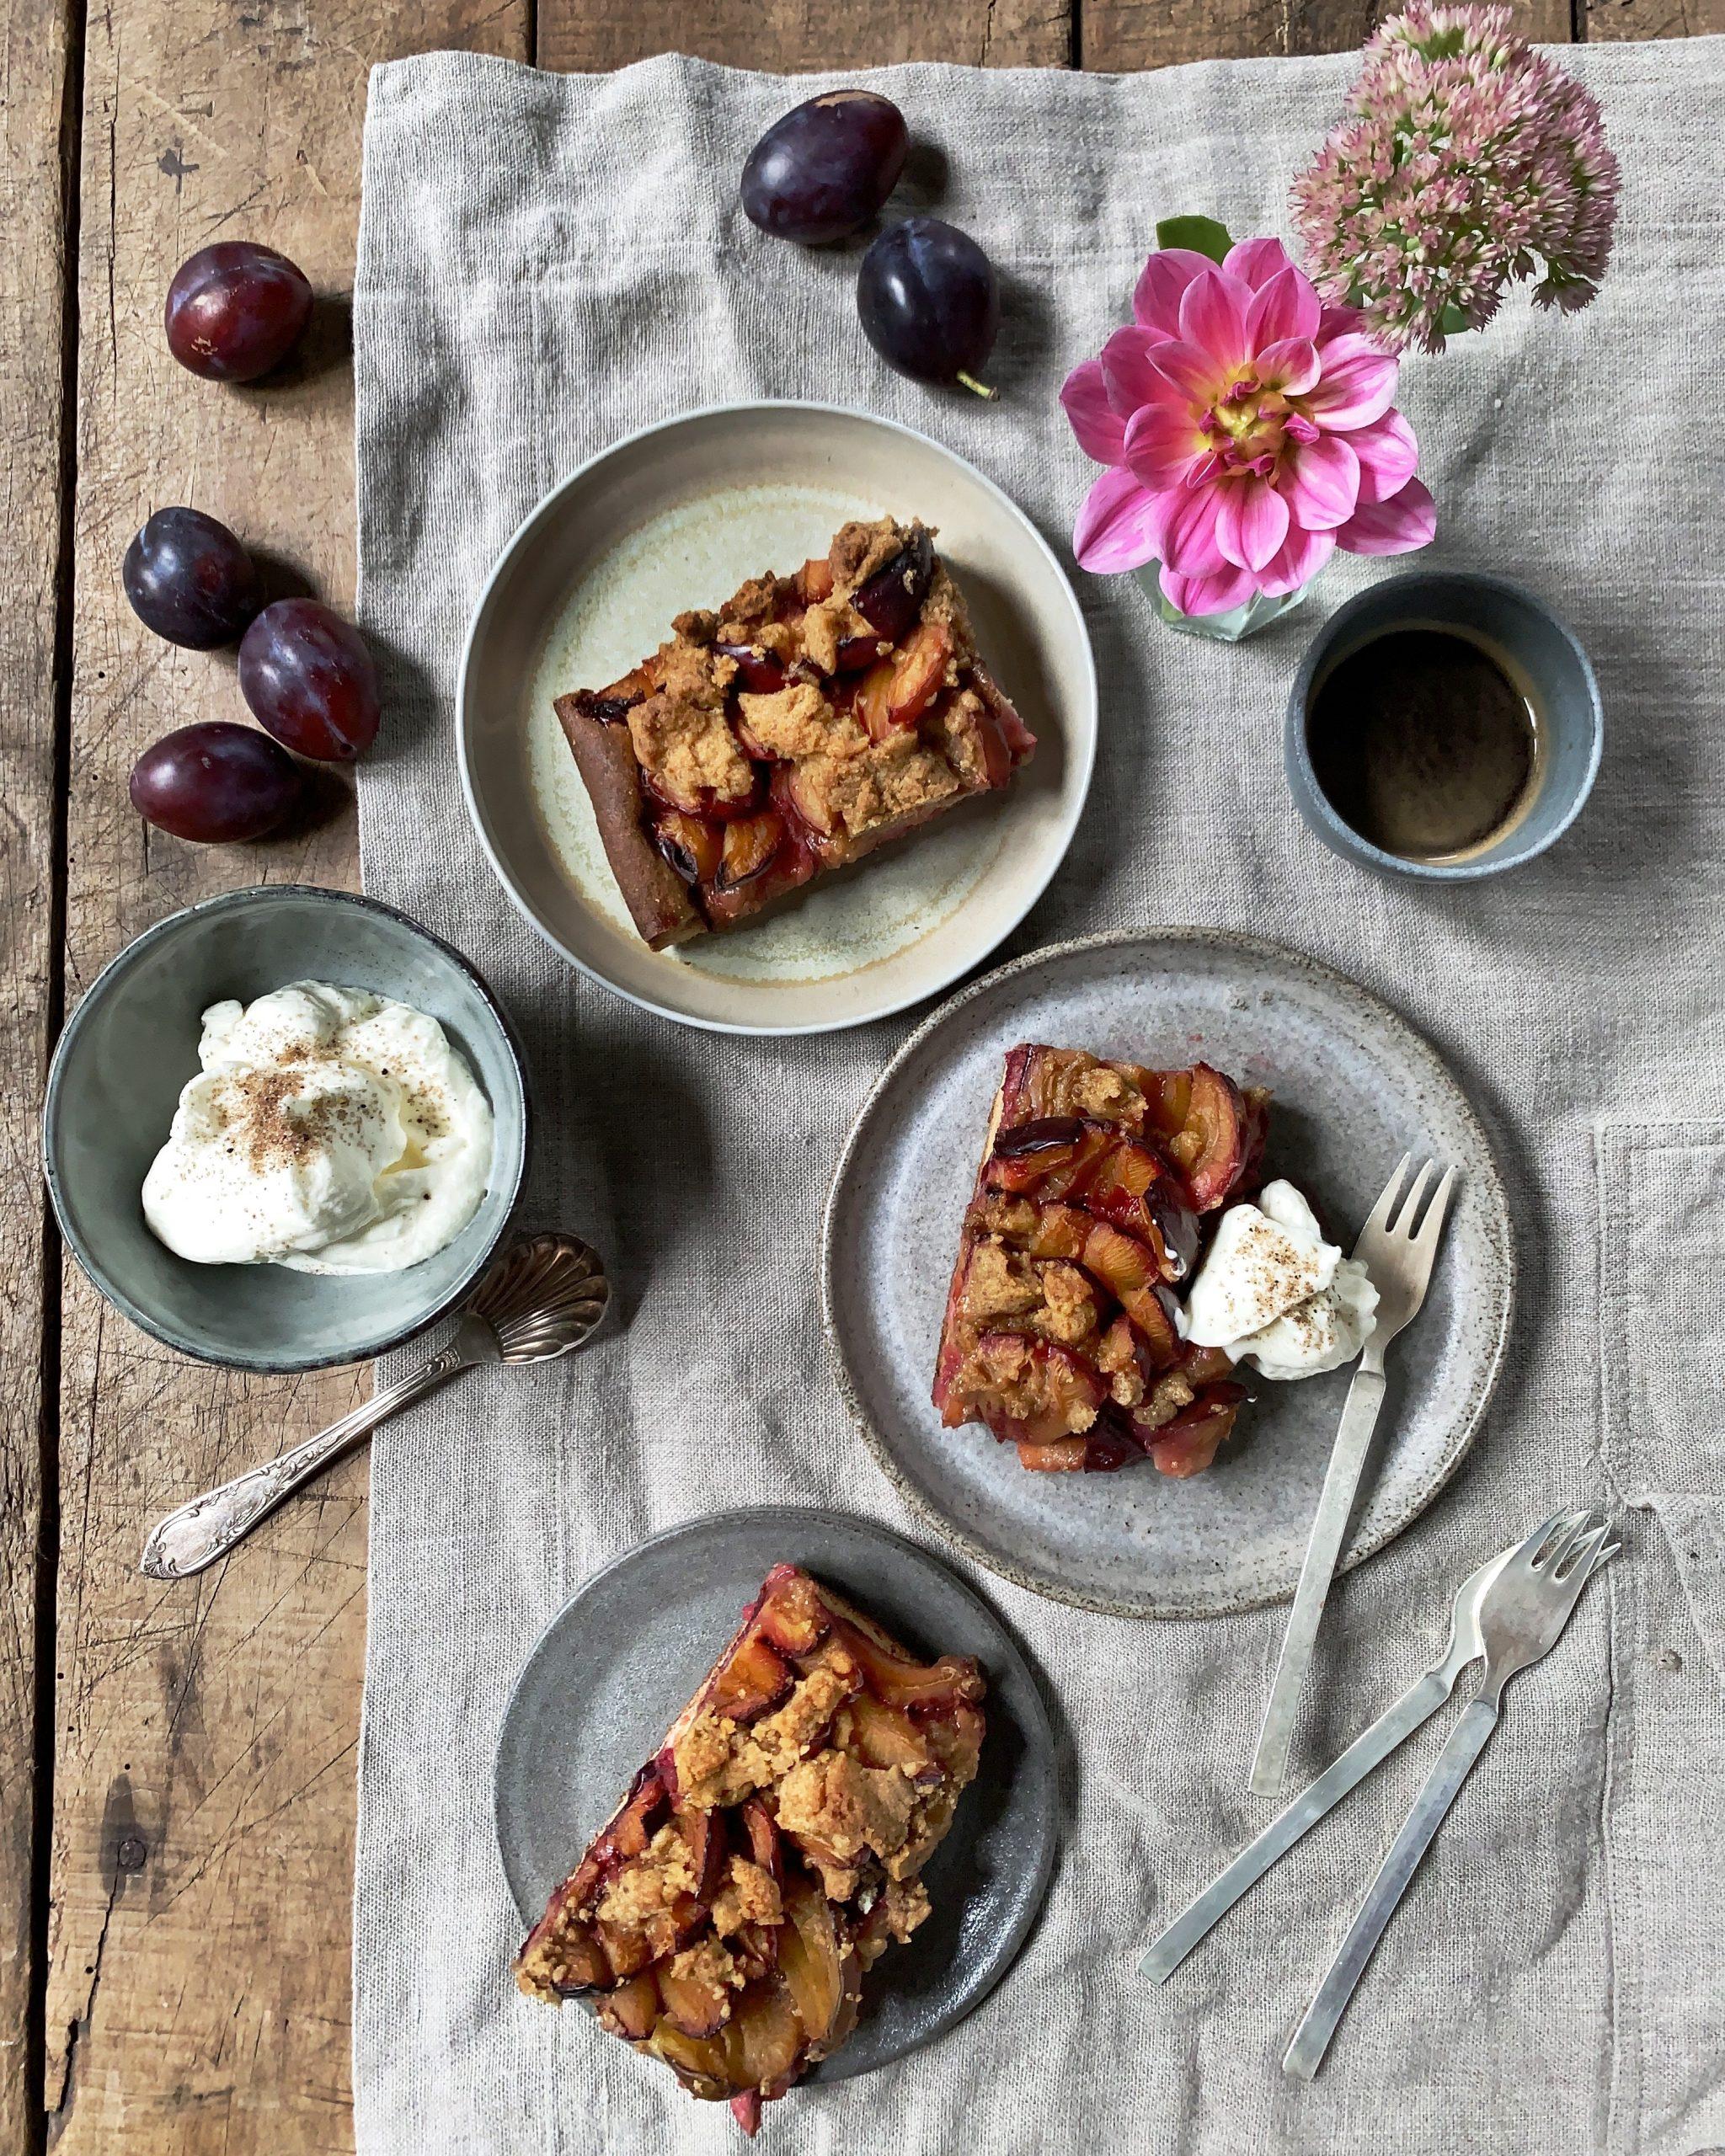 zwetschgenkuchen-zwetschgendatschi-kaffeetafel-streuselkuchen-zwetschkenkuchen